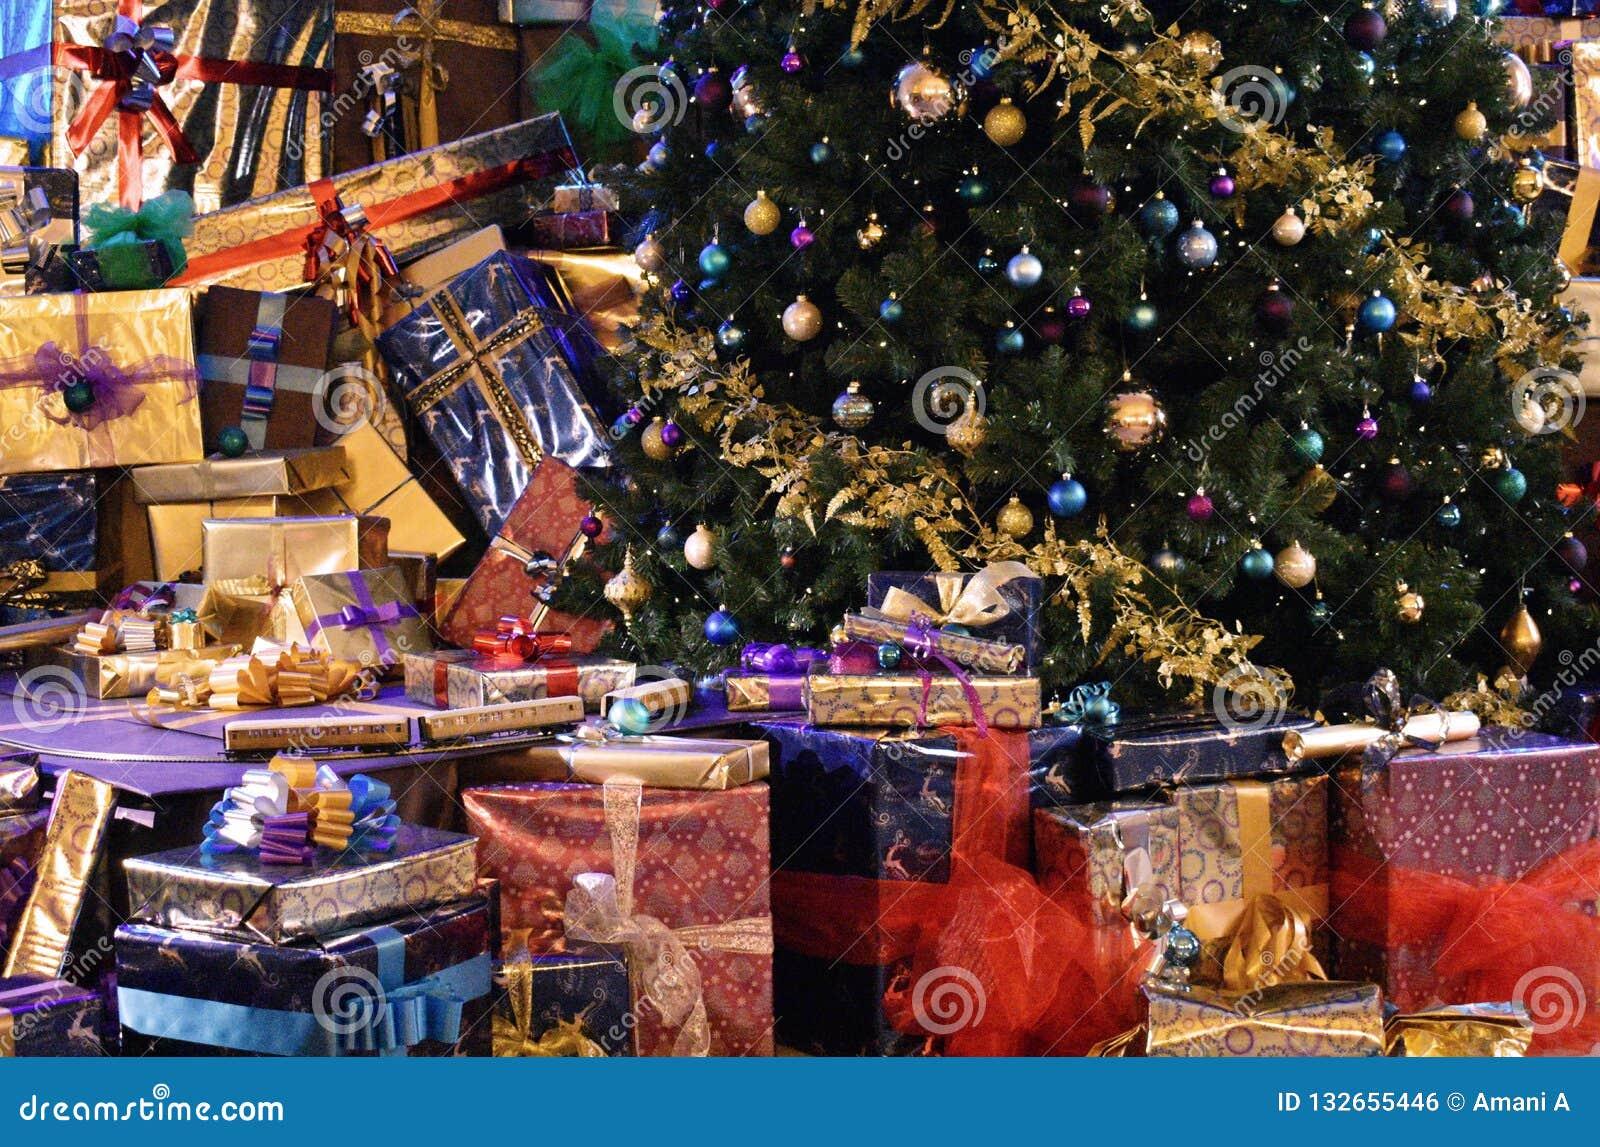 Weihnachtsgeschenke ringsum die Basis eines Weihnachtsbaums